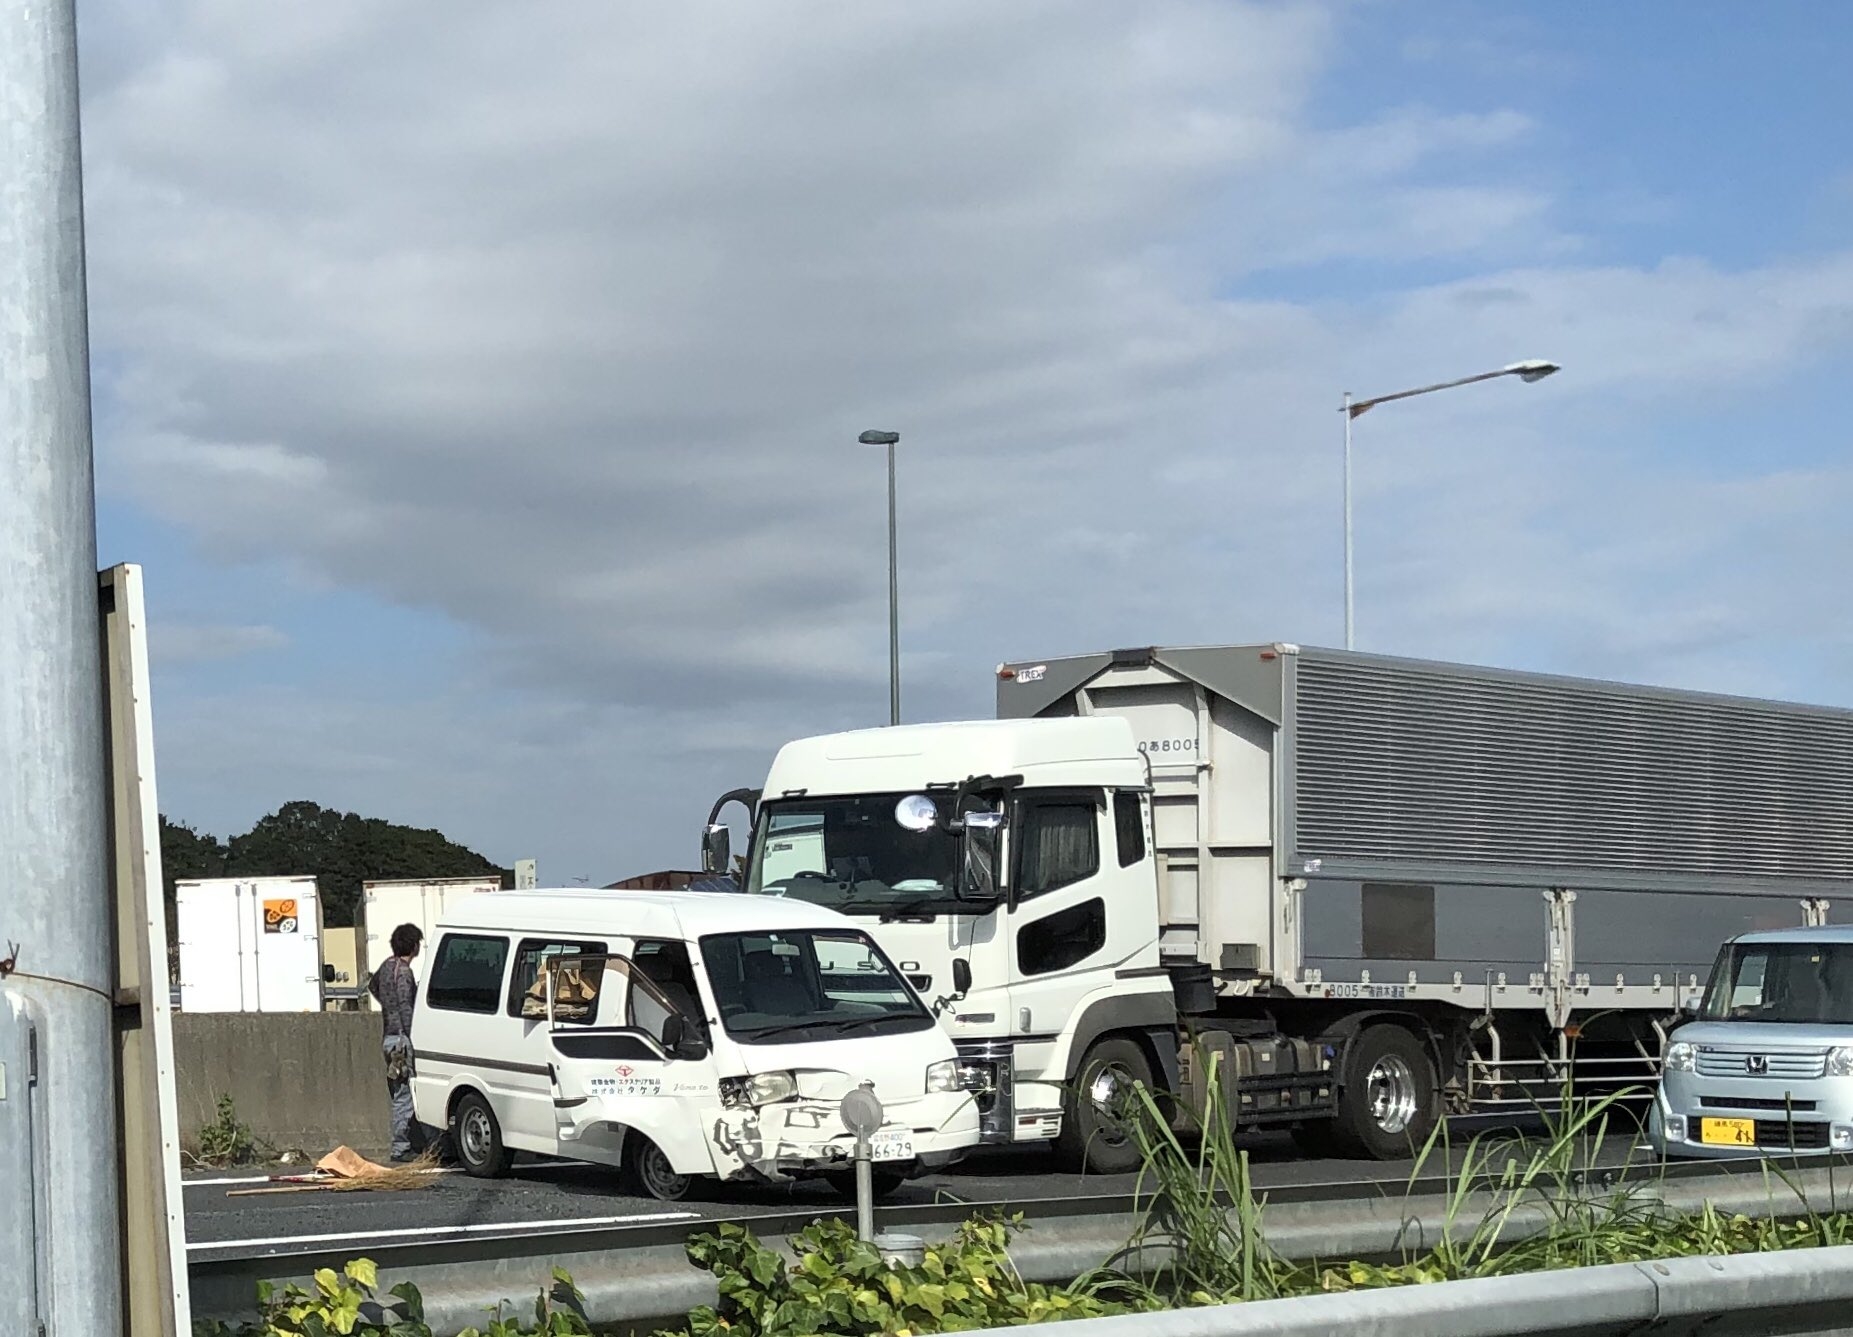 画像,高速の事故渋滞は本当にイヤ。何故にこんな状態になってるんか?気をつけましょ。#京葉道 https://t.co/BGmYBxJI9x…